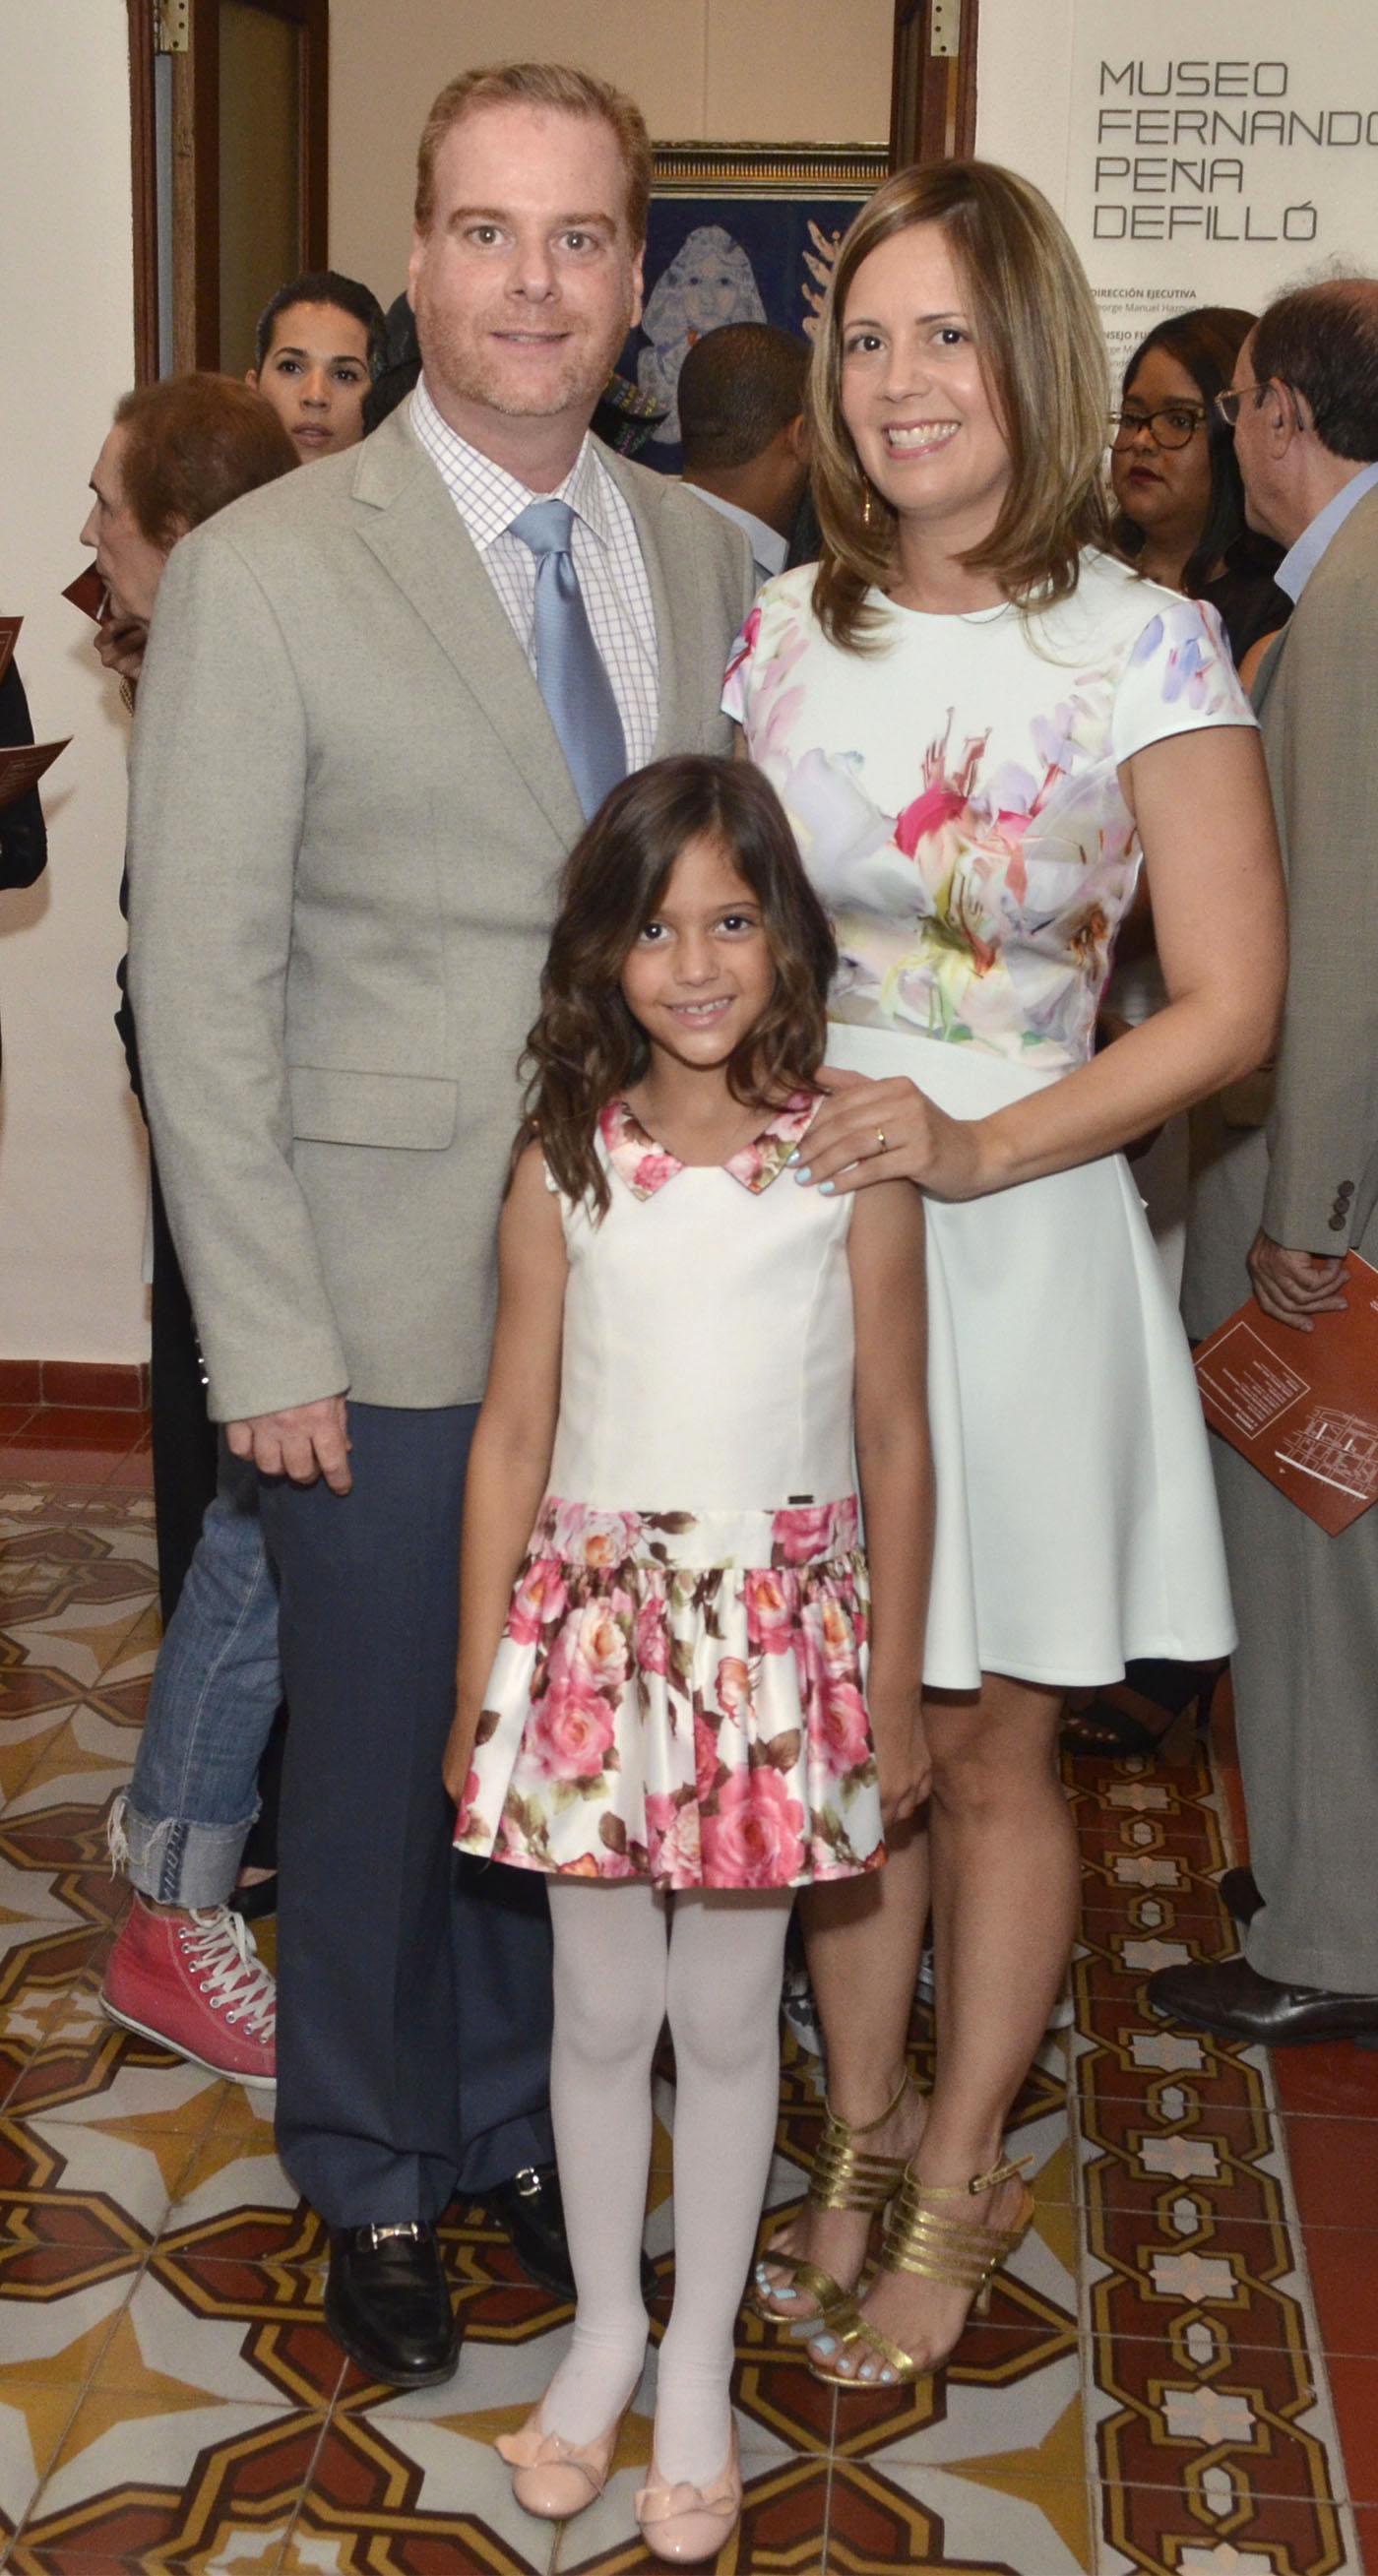 Foto 2 Javier Peña Defilló y Alicia de Peña junto a su hija Marcela Peña.jpg